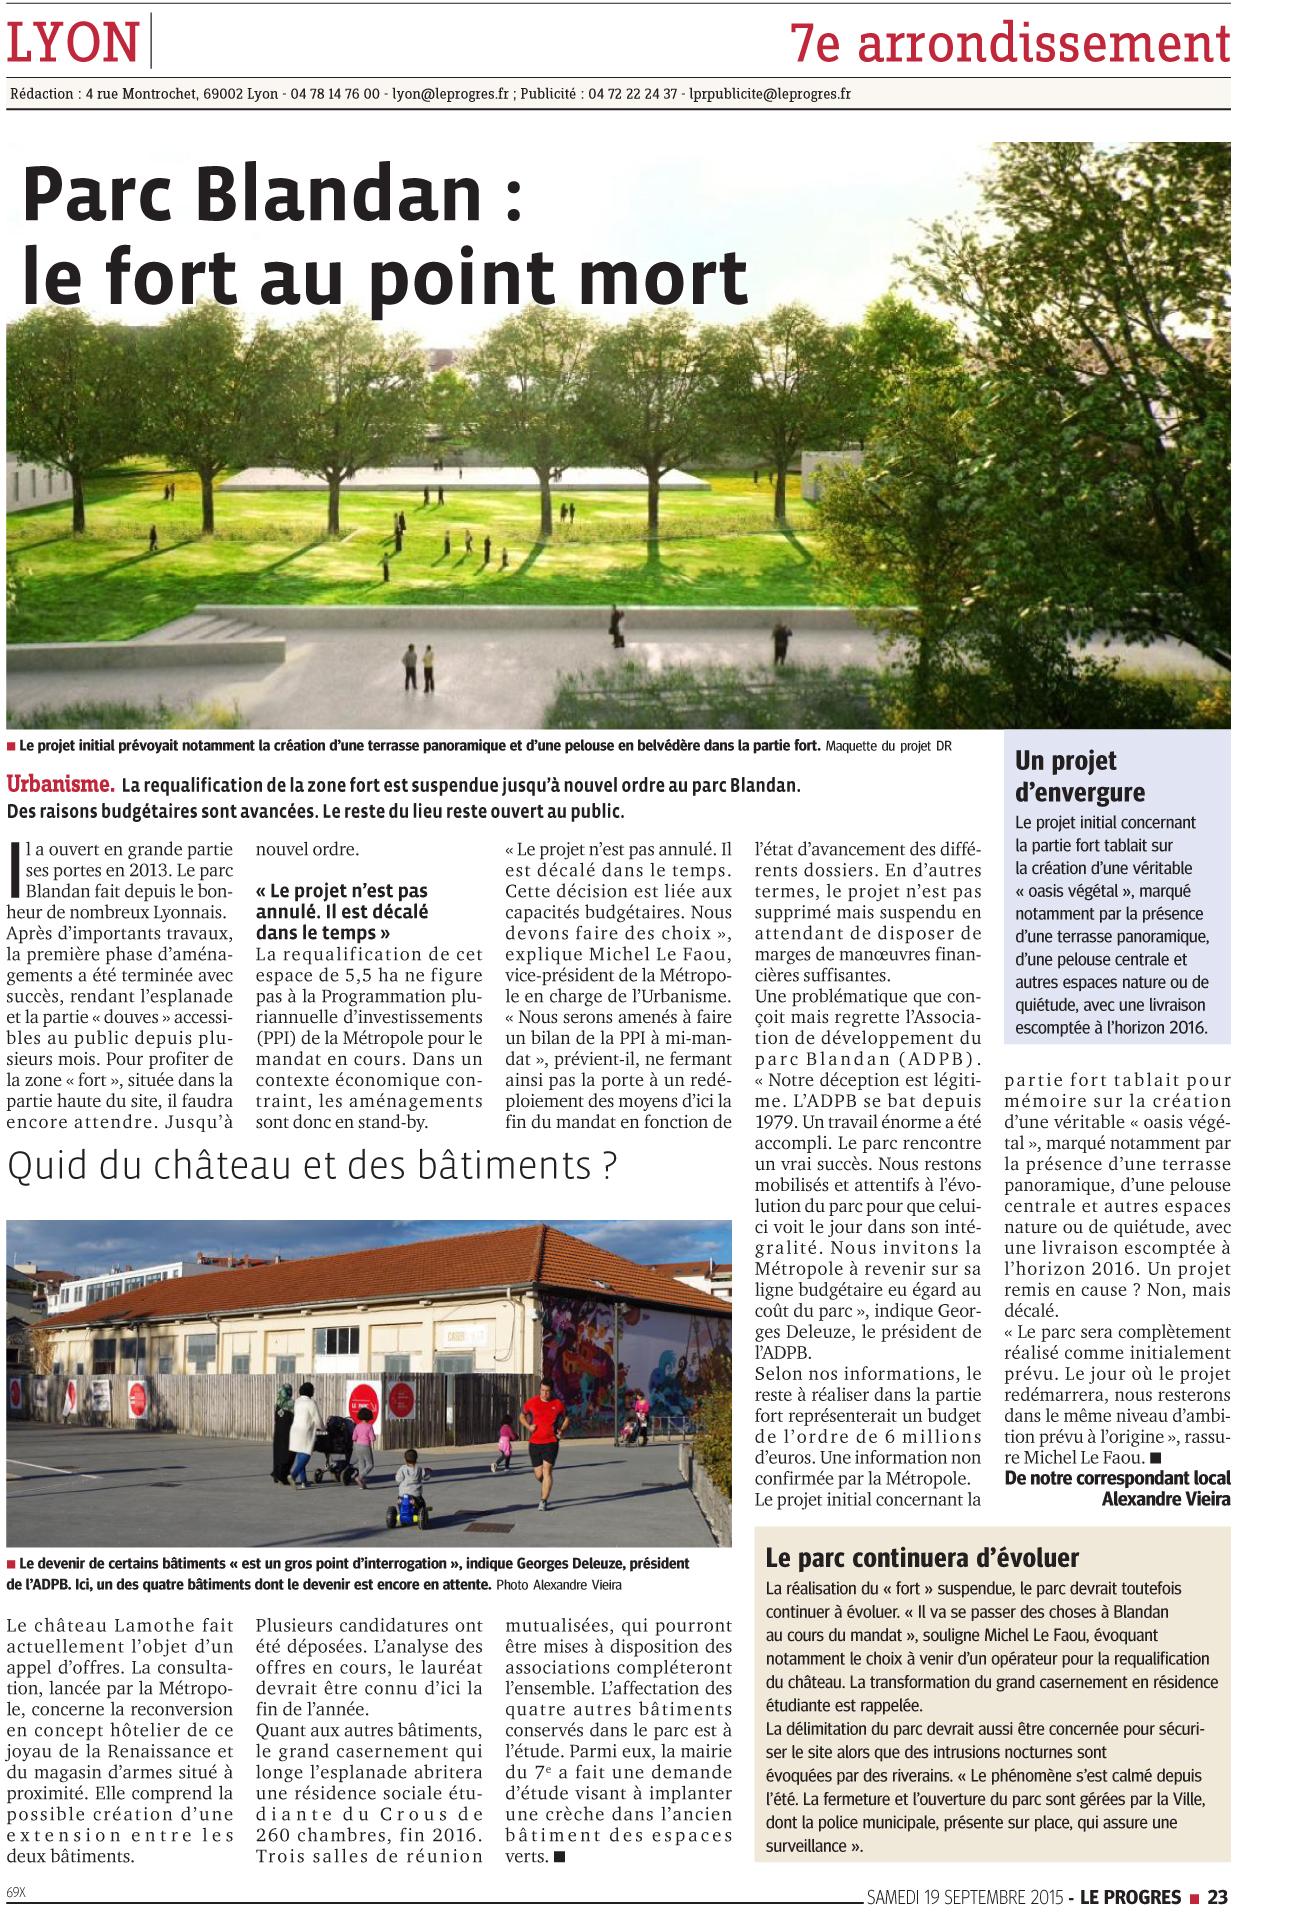 ParcBlandan_2015-09-19